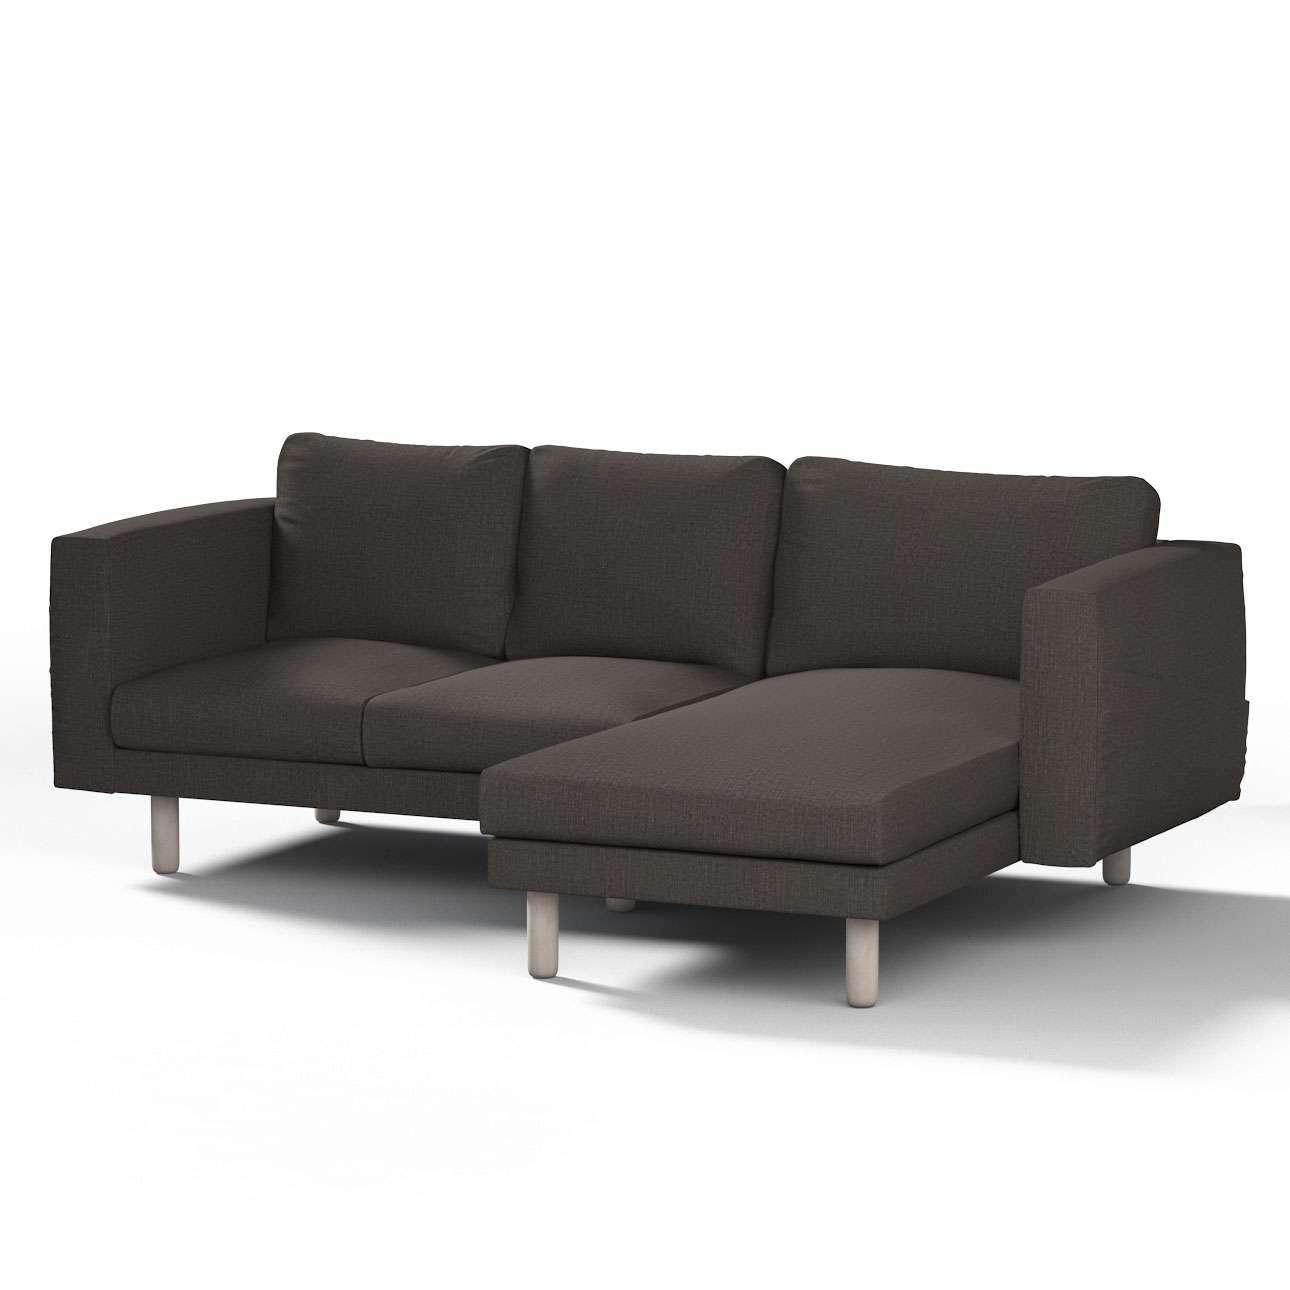 Pokrowiec na sofę Norsborg 3-osobową z szezlongiem w kolekcji Etna, tkanina: 702-36